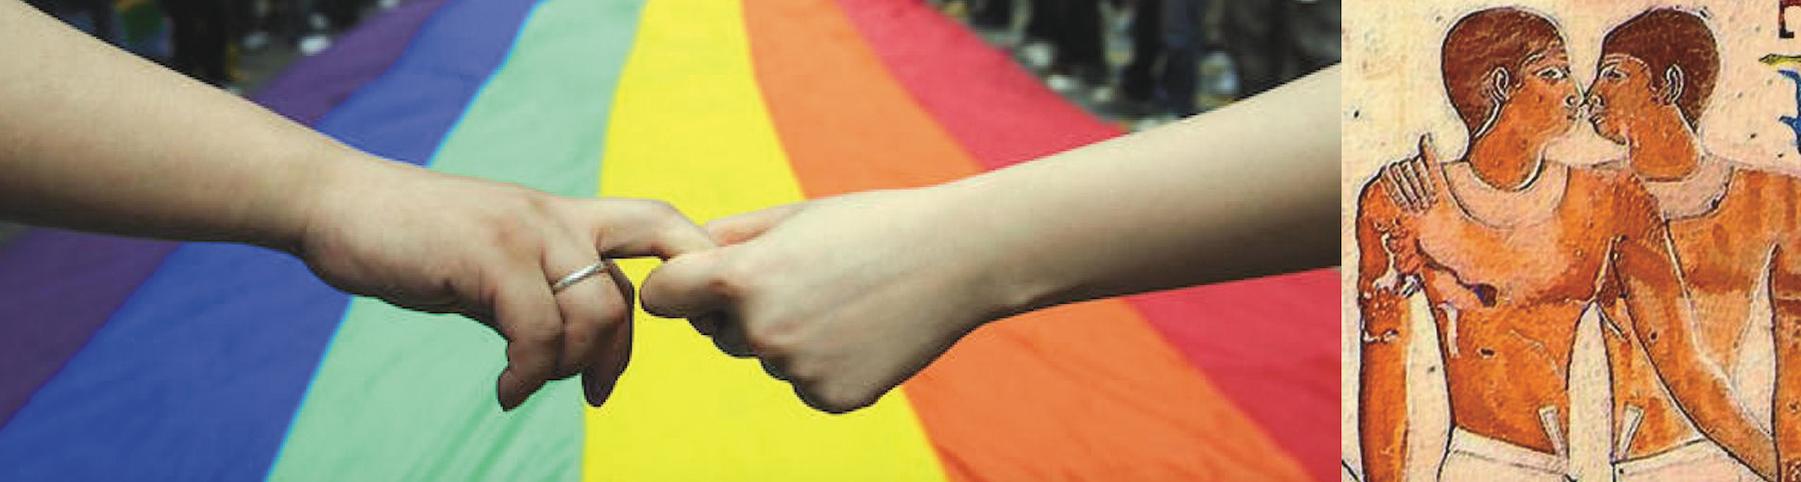 HISTORIA LEGAL DE LA HOMOSEXUALIDAD EN EL ECUADOR